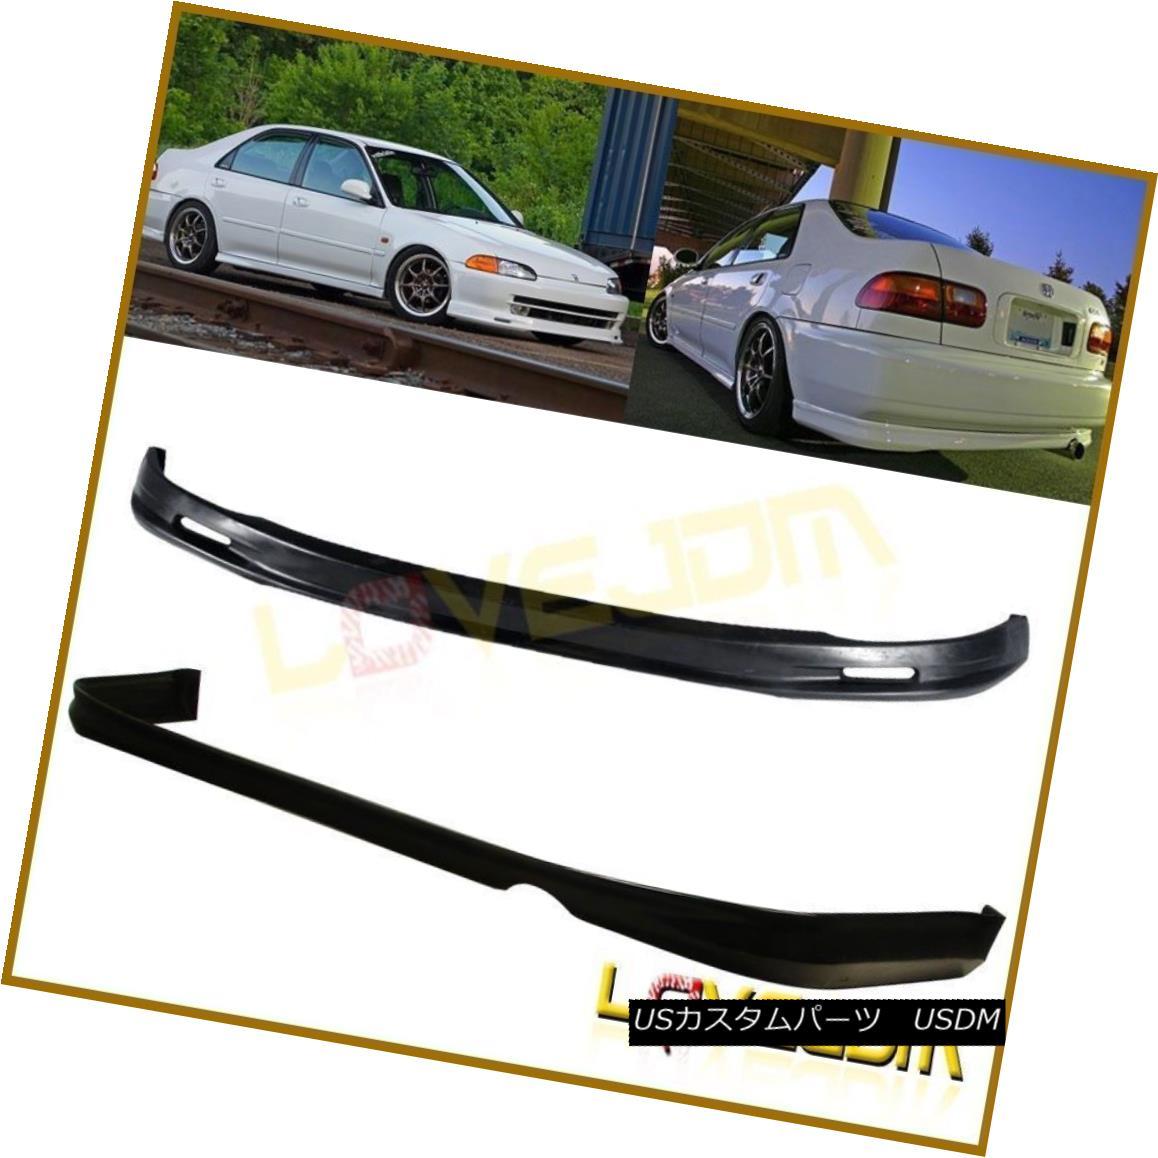 エアロパーツ Fits 92-95 Honda Civic 4DR Mug Front bumper lip+Rear Bumper Lip Spoiler Bodykits フィット92-95ホンダシビック4DRマグフロントフロントバンパーリップ+リアバンパーリップスポイラーボディキット